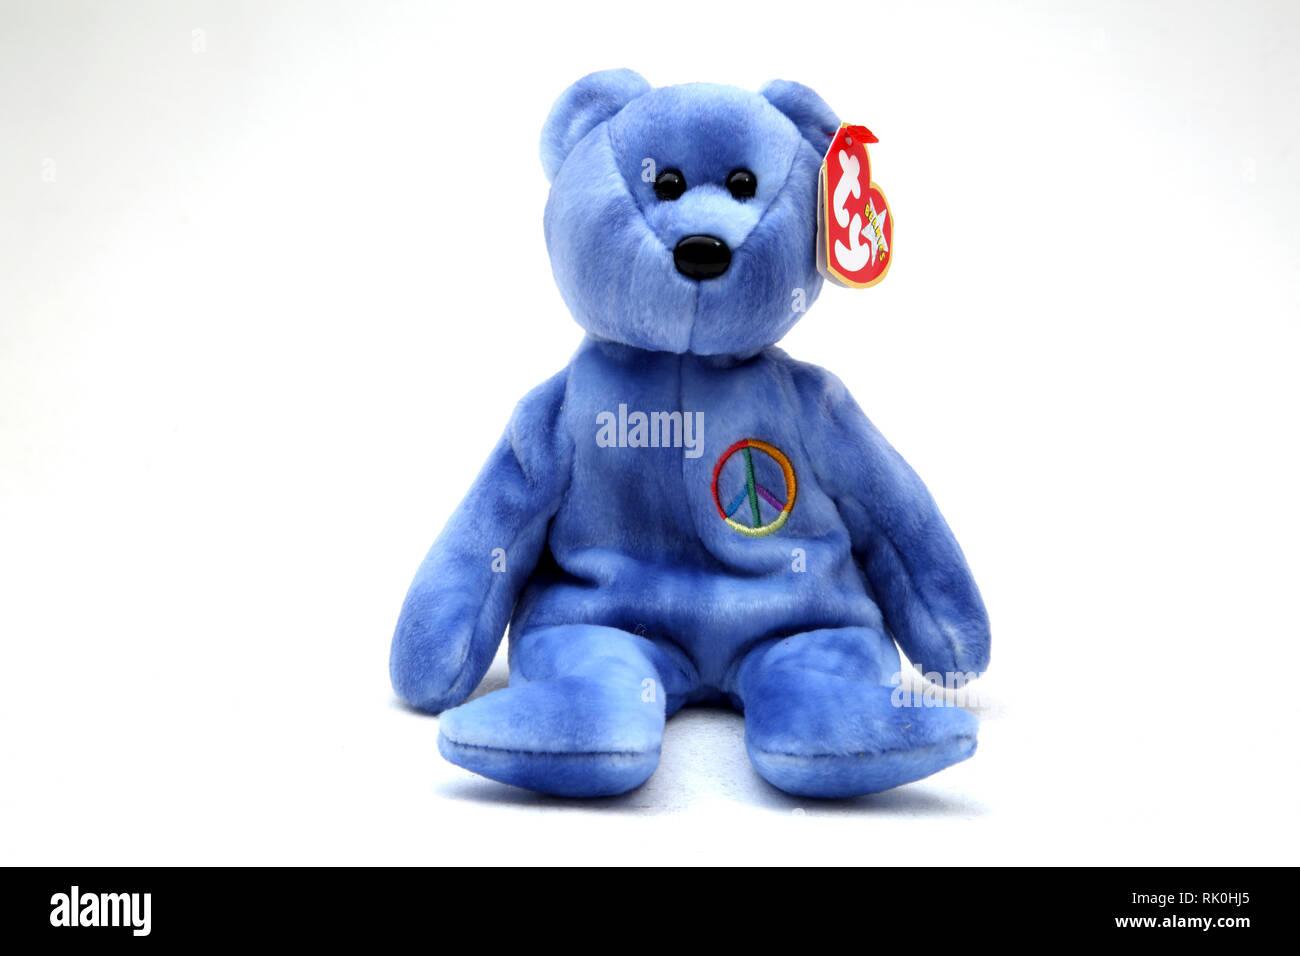 TY Beanie Baby oso azul con el símbolo de la CND en el pecho Imagen De Stock